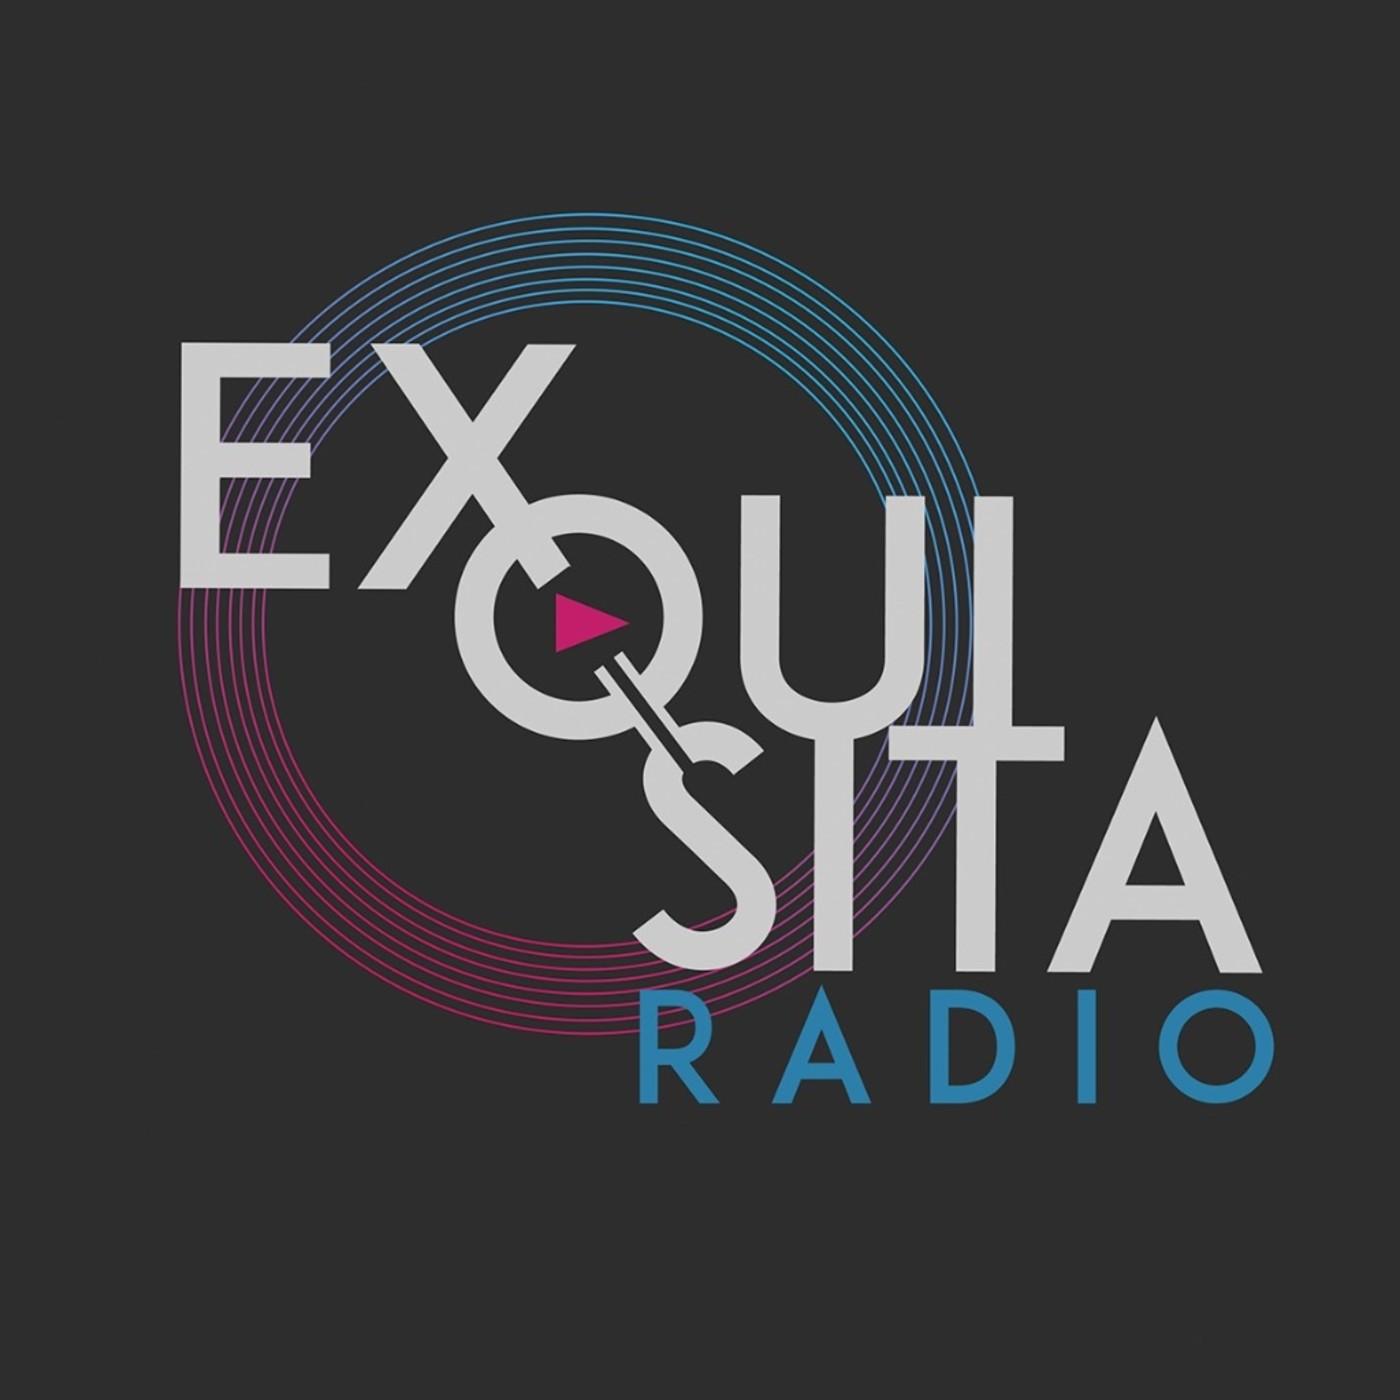 Exquisita Radio